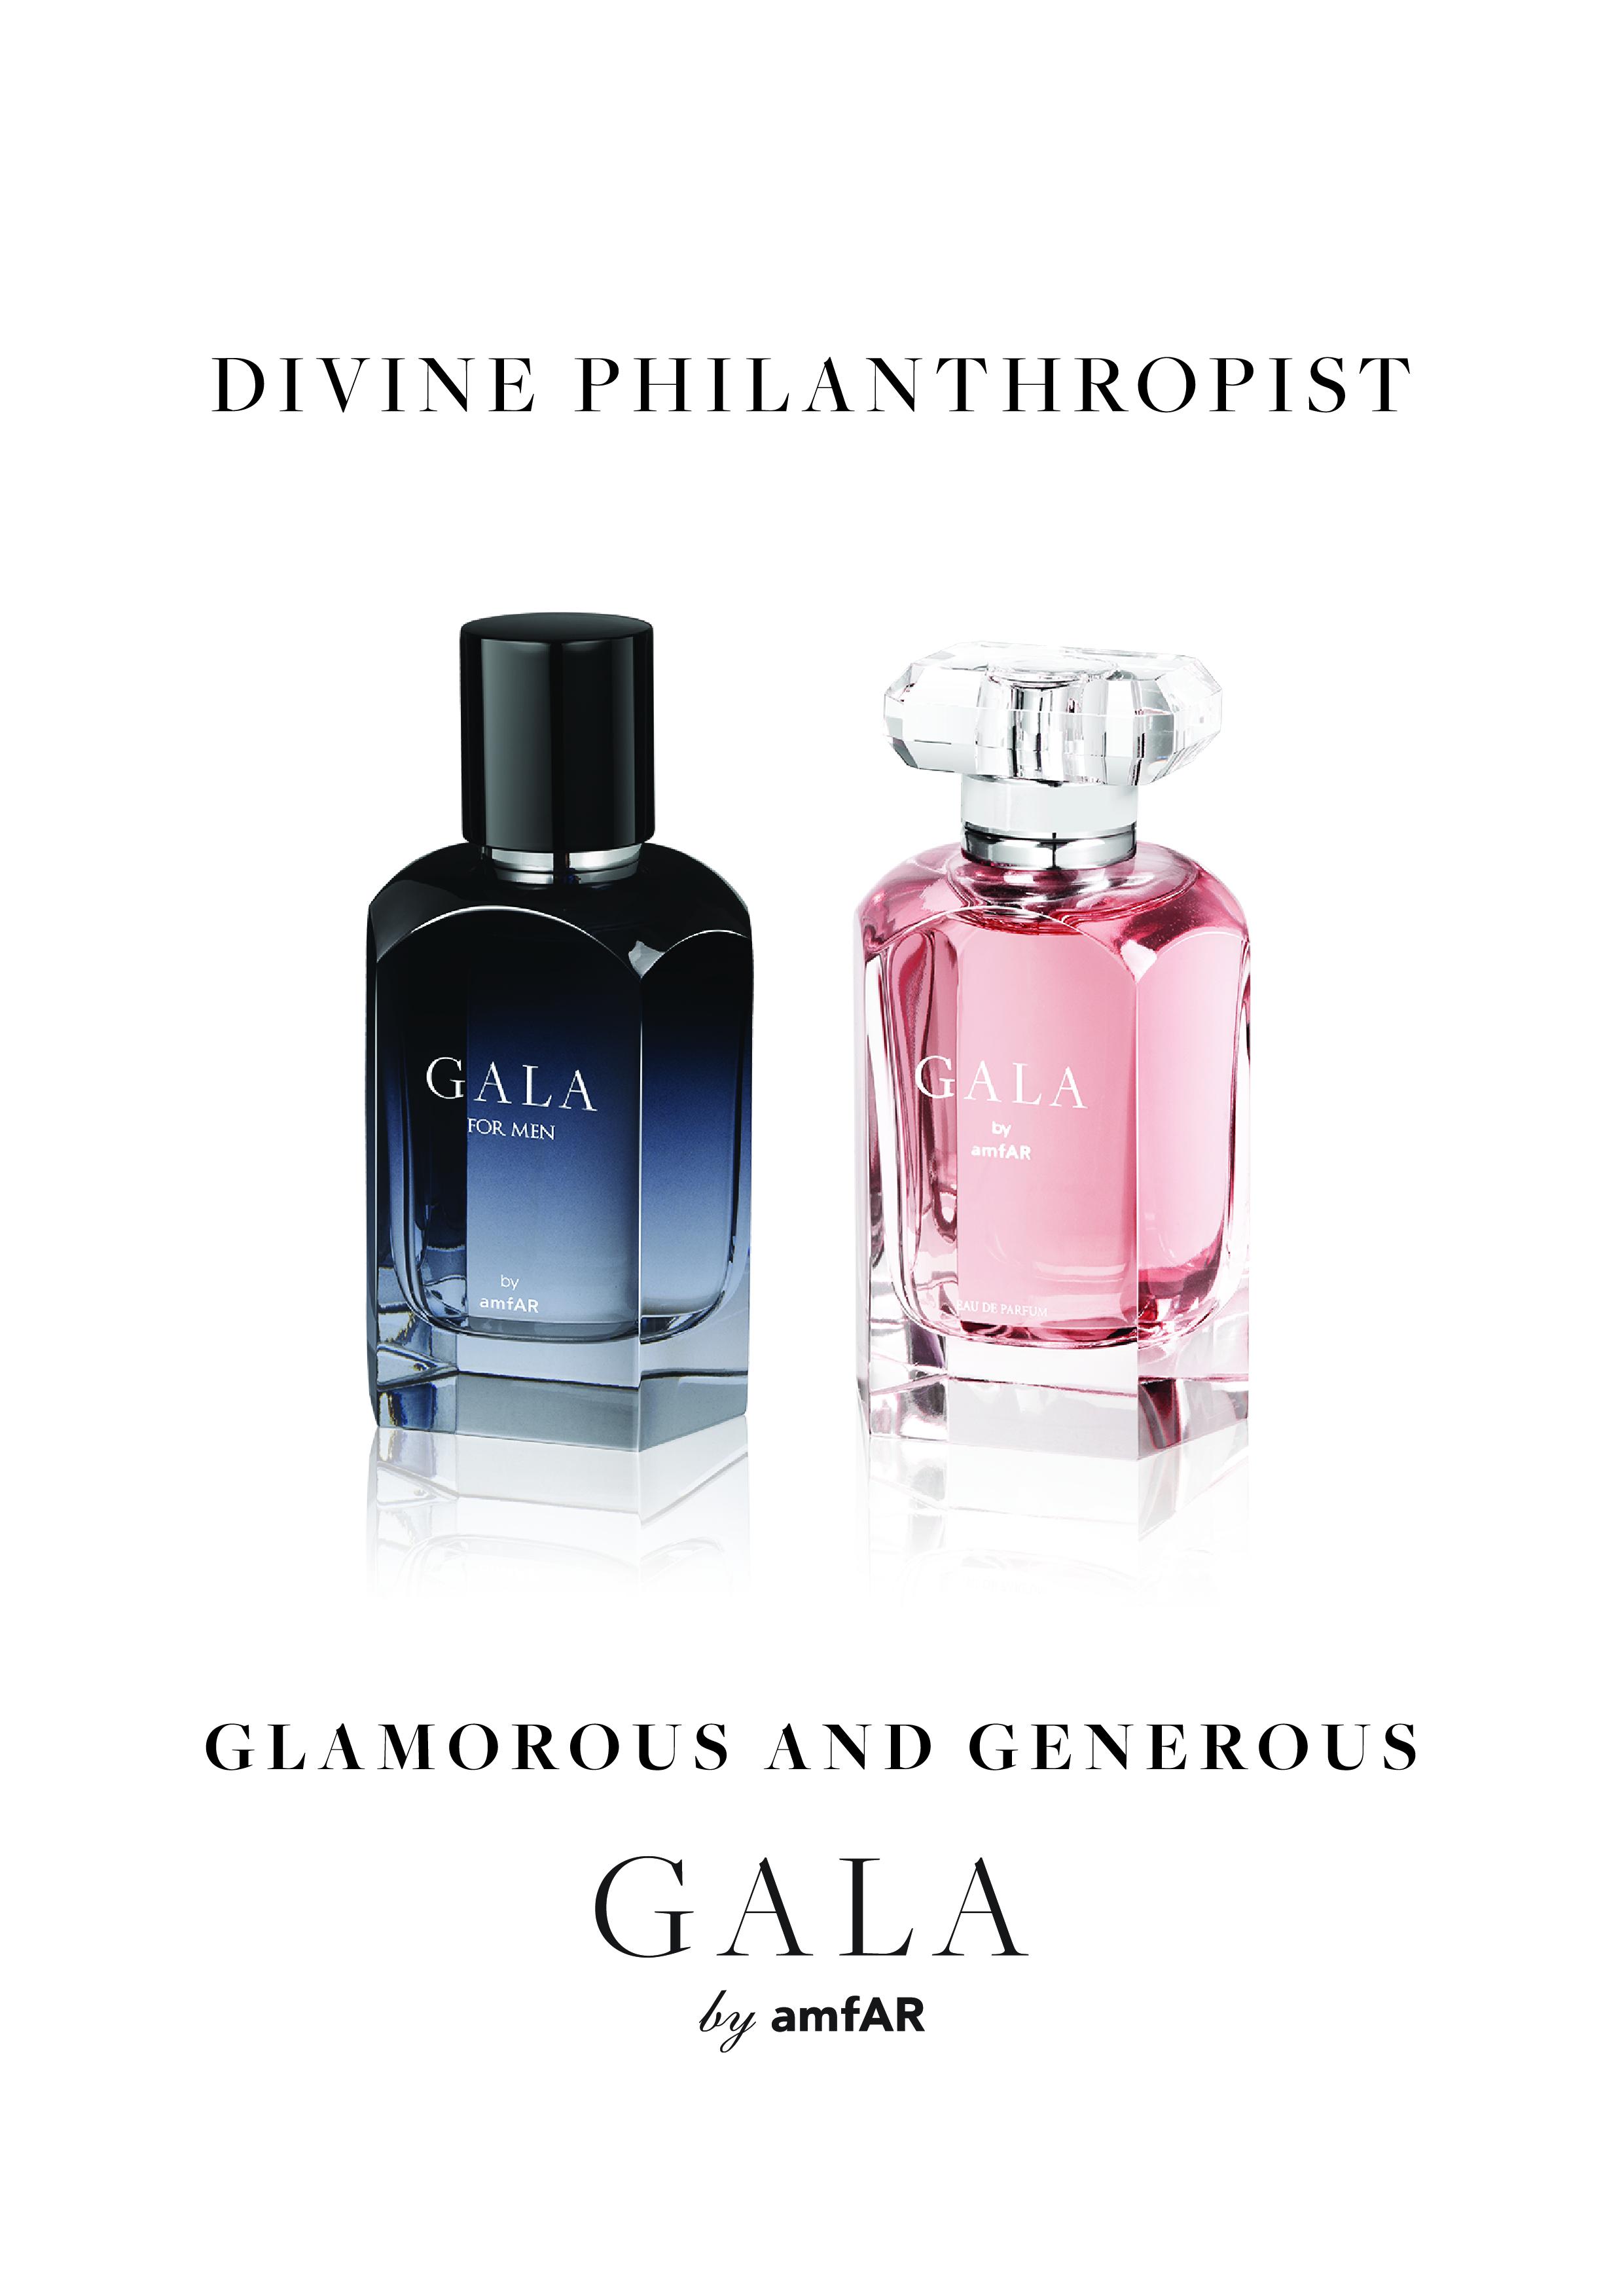 amfar gala fragrance